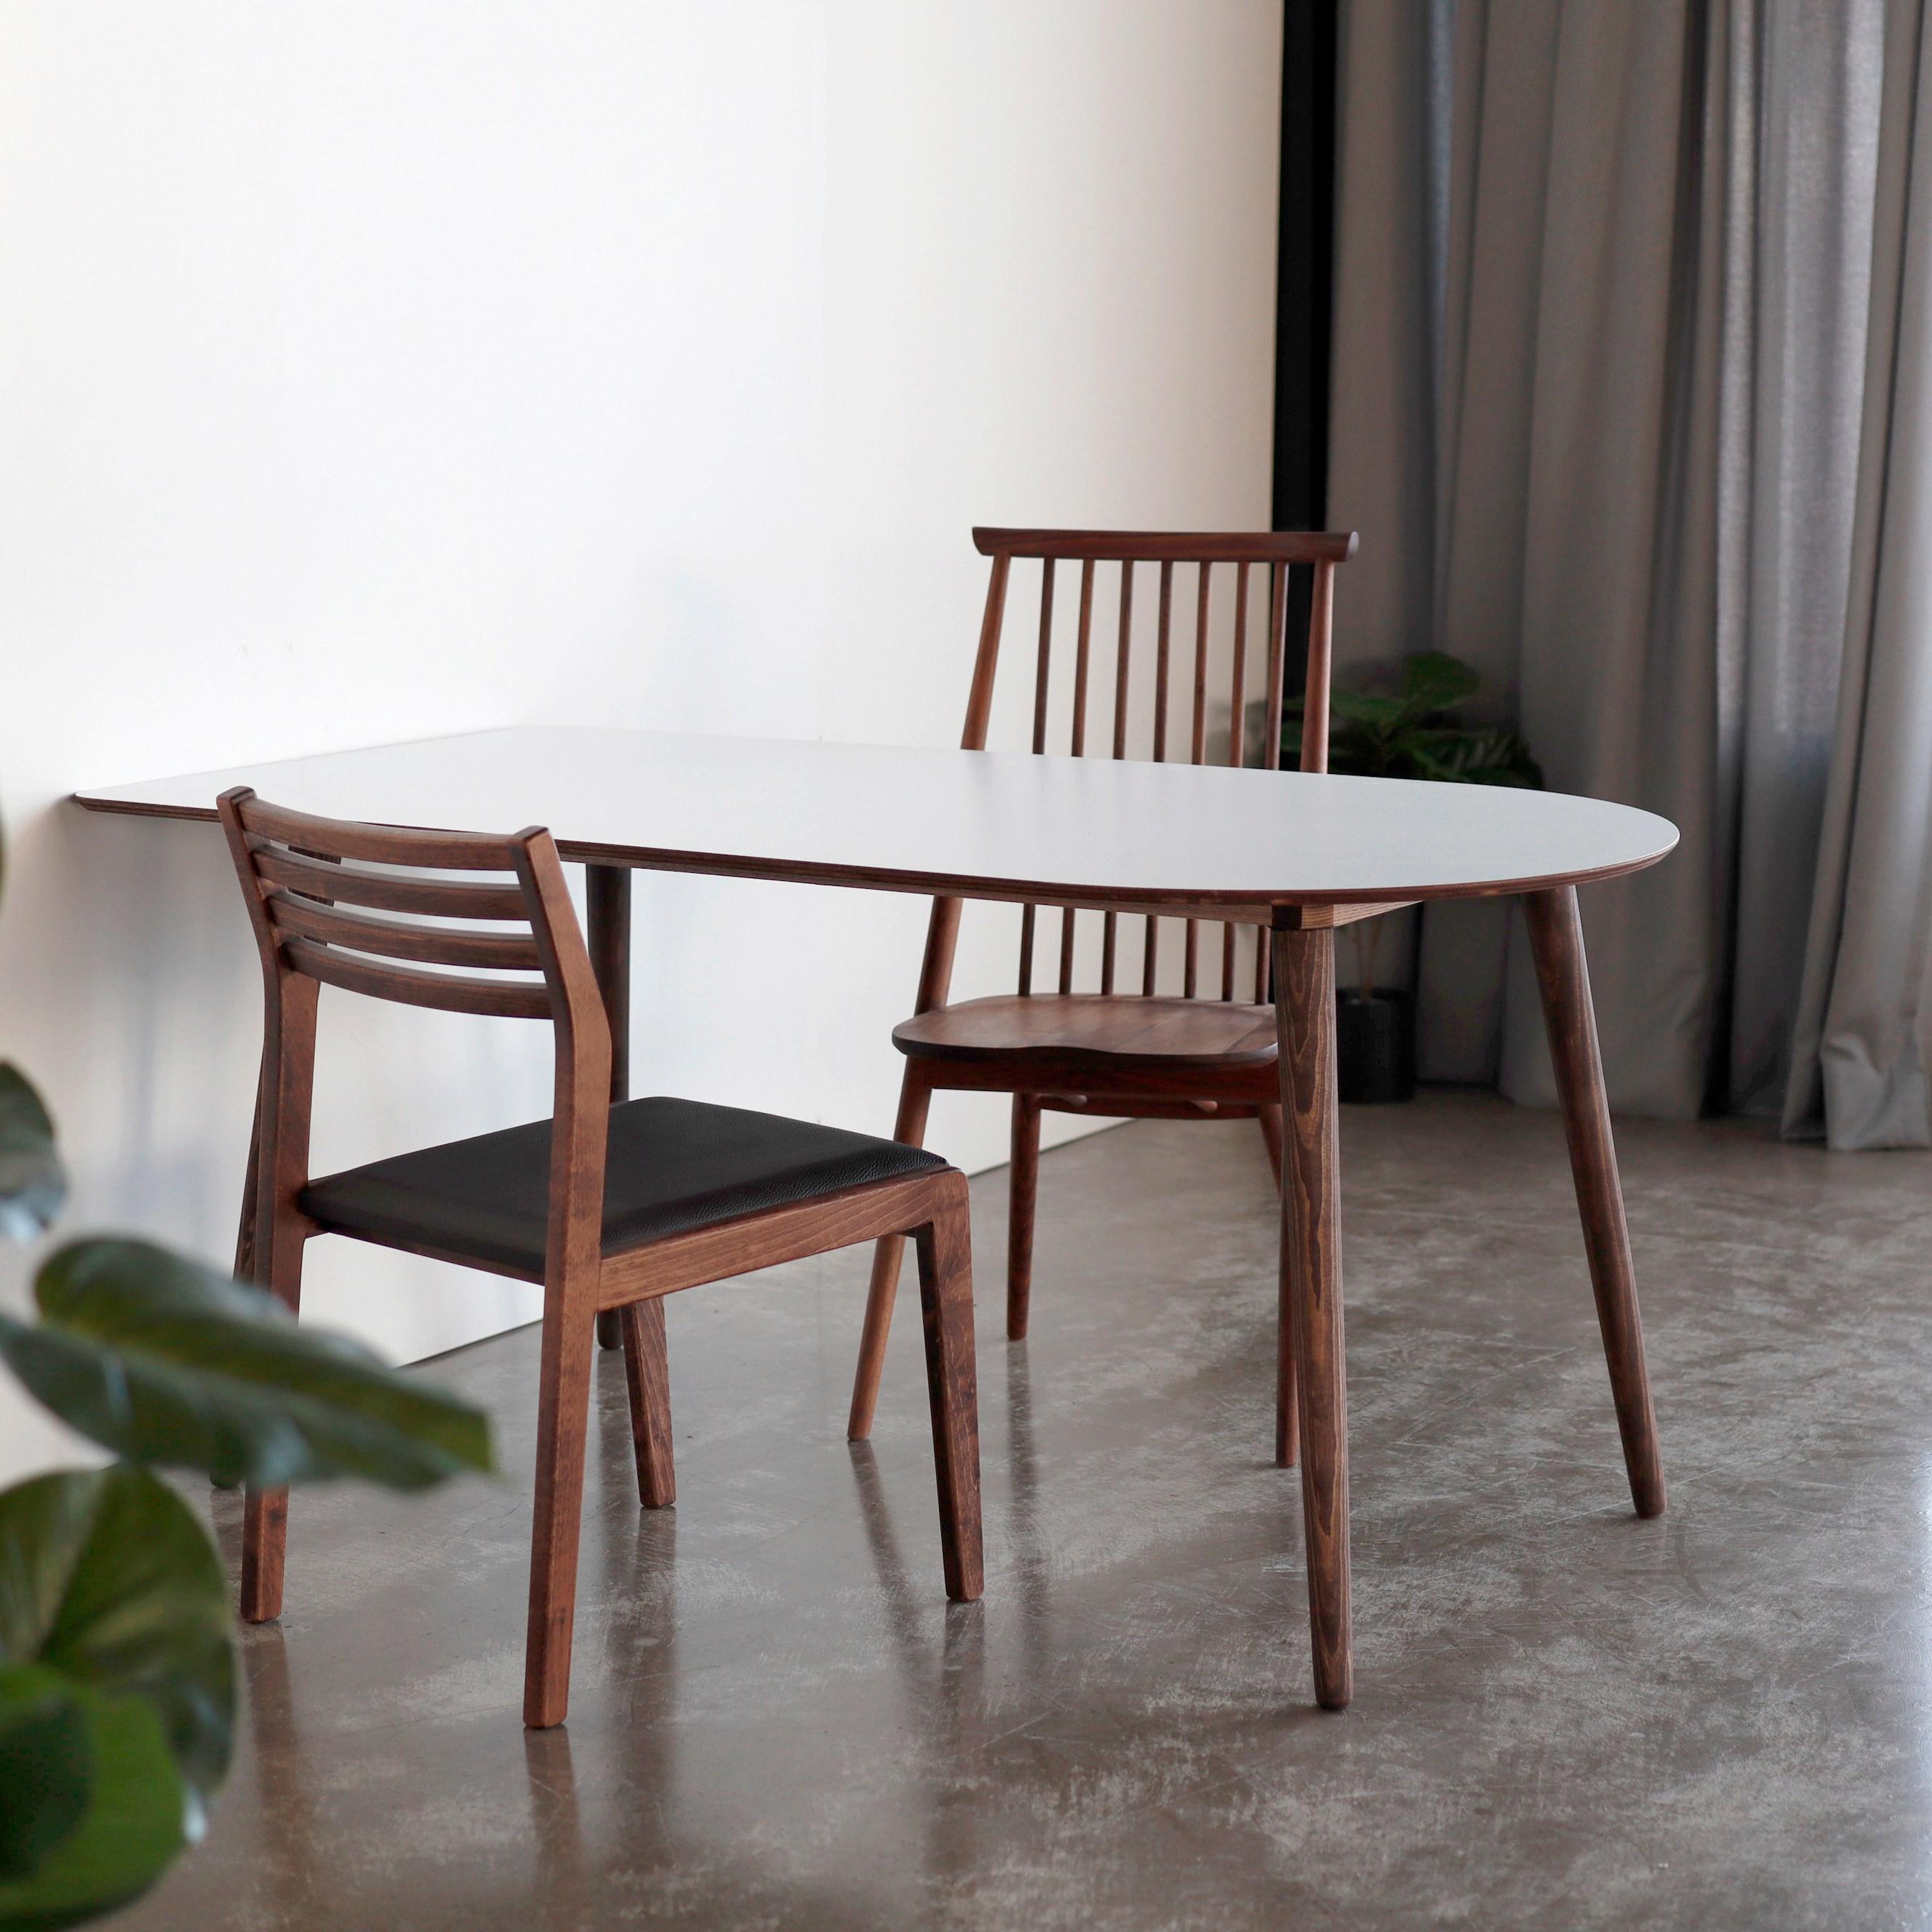 체나레 HPM 멜라민 반타원 화이트 카페 식탁 1400 테이블, 내추럴